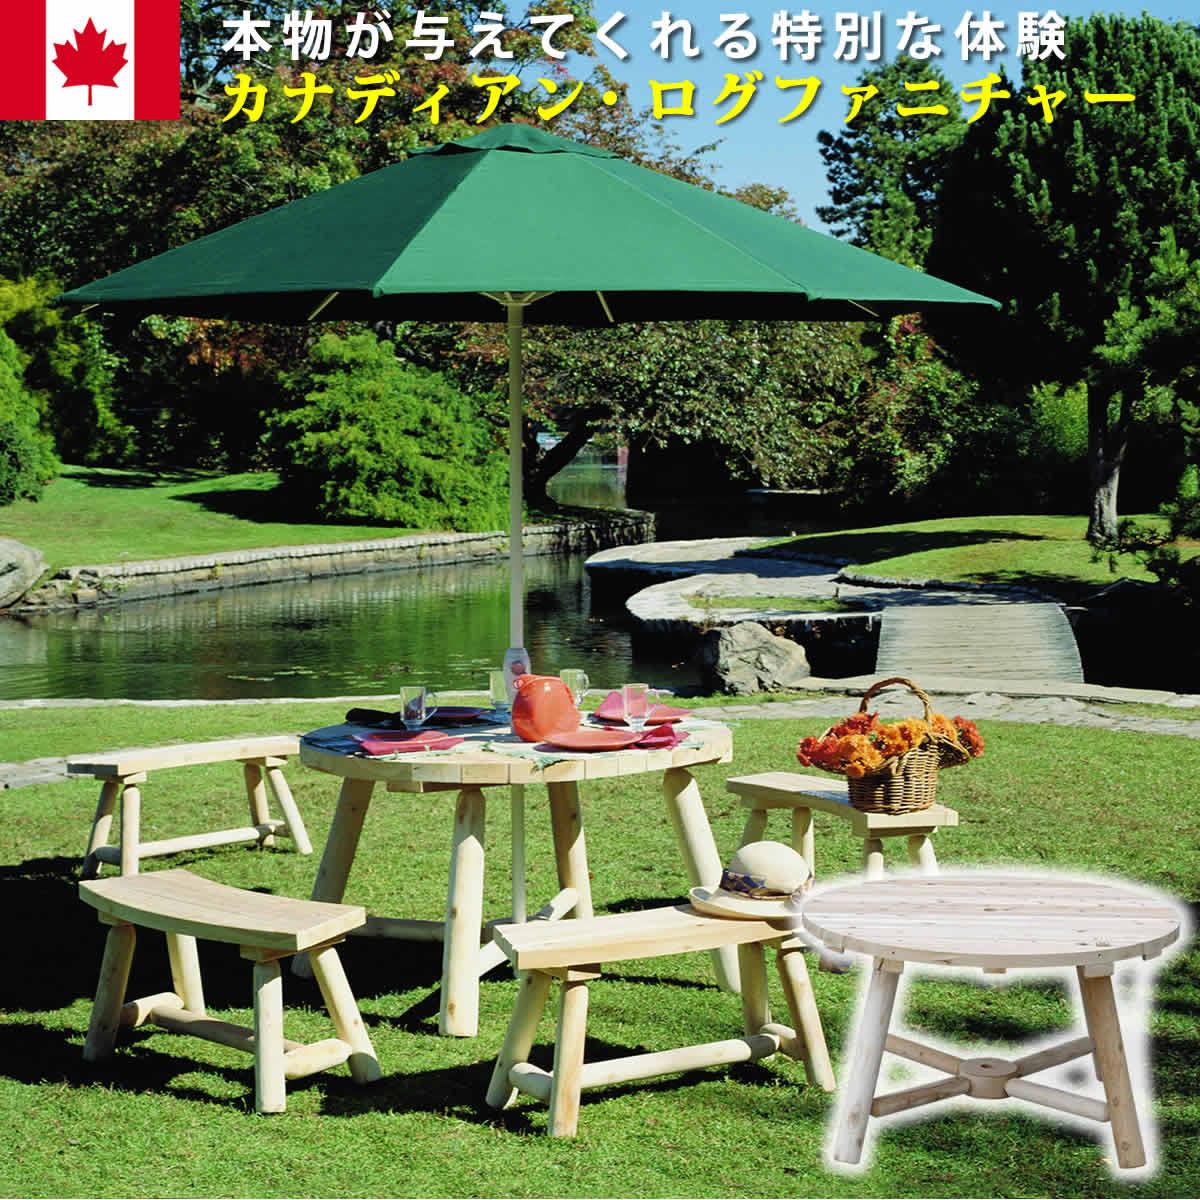 ラウンドテーブル 天然木 アウトドア ガーデンファニチャー ホワイトシダー 米杉 ログファニチャー セット 屋外(代引不可)【送料無料】